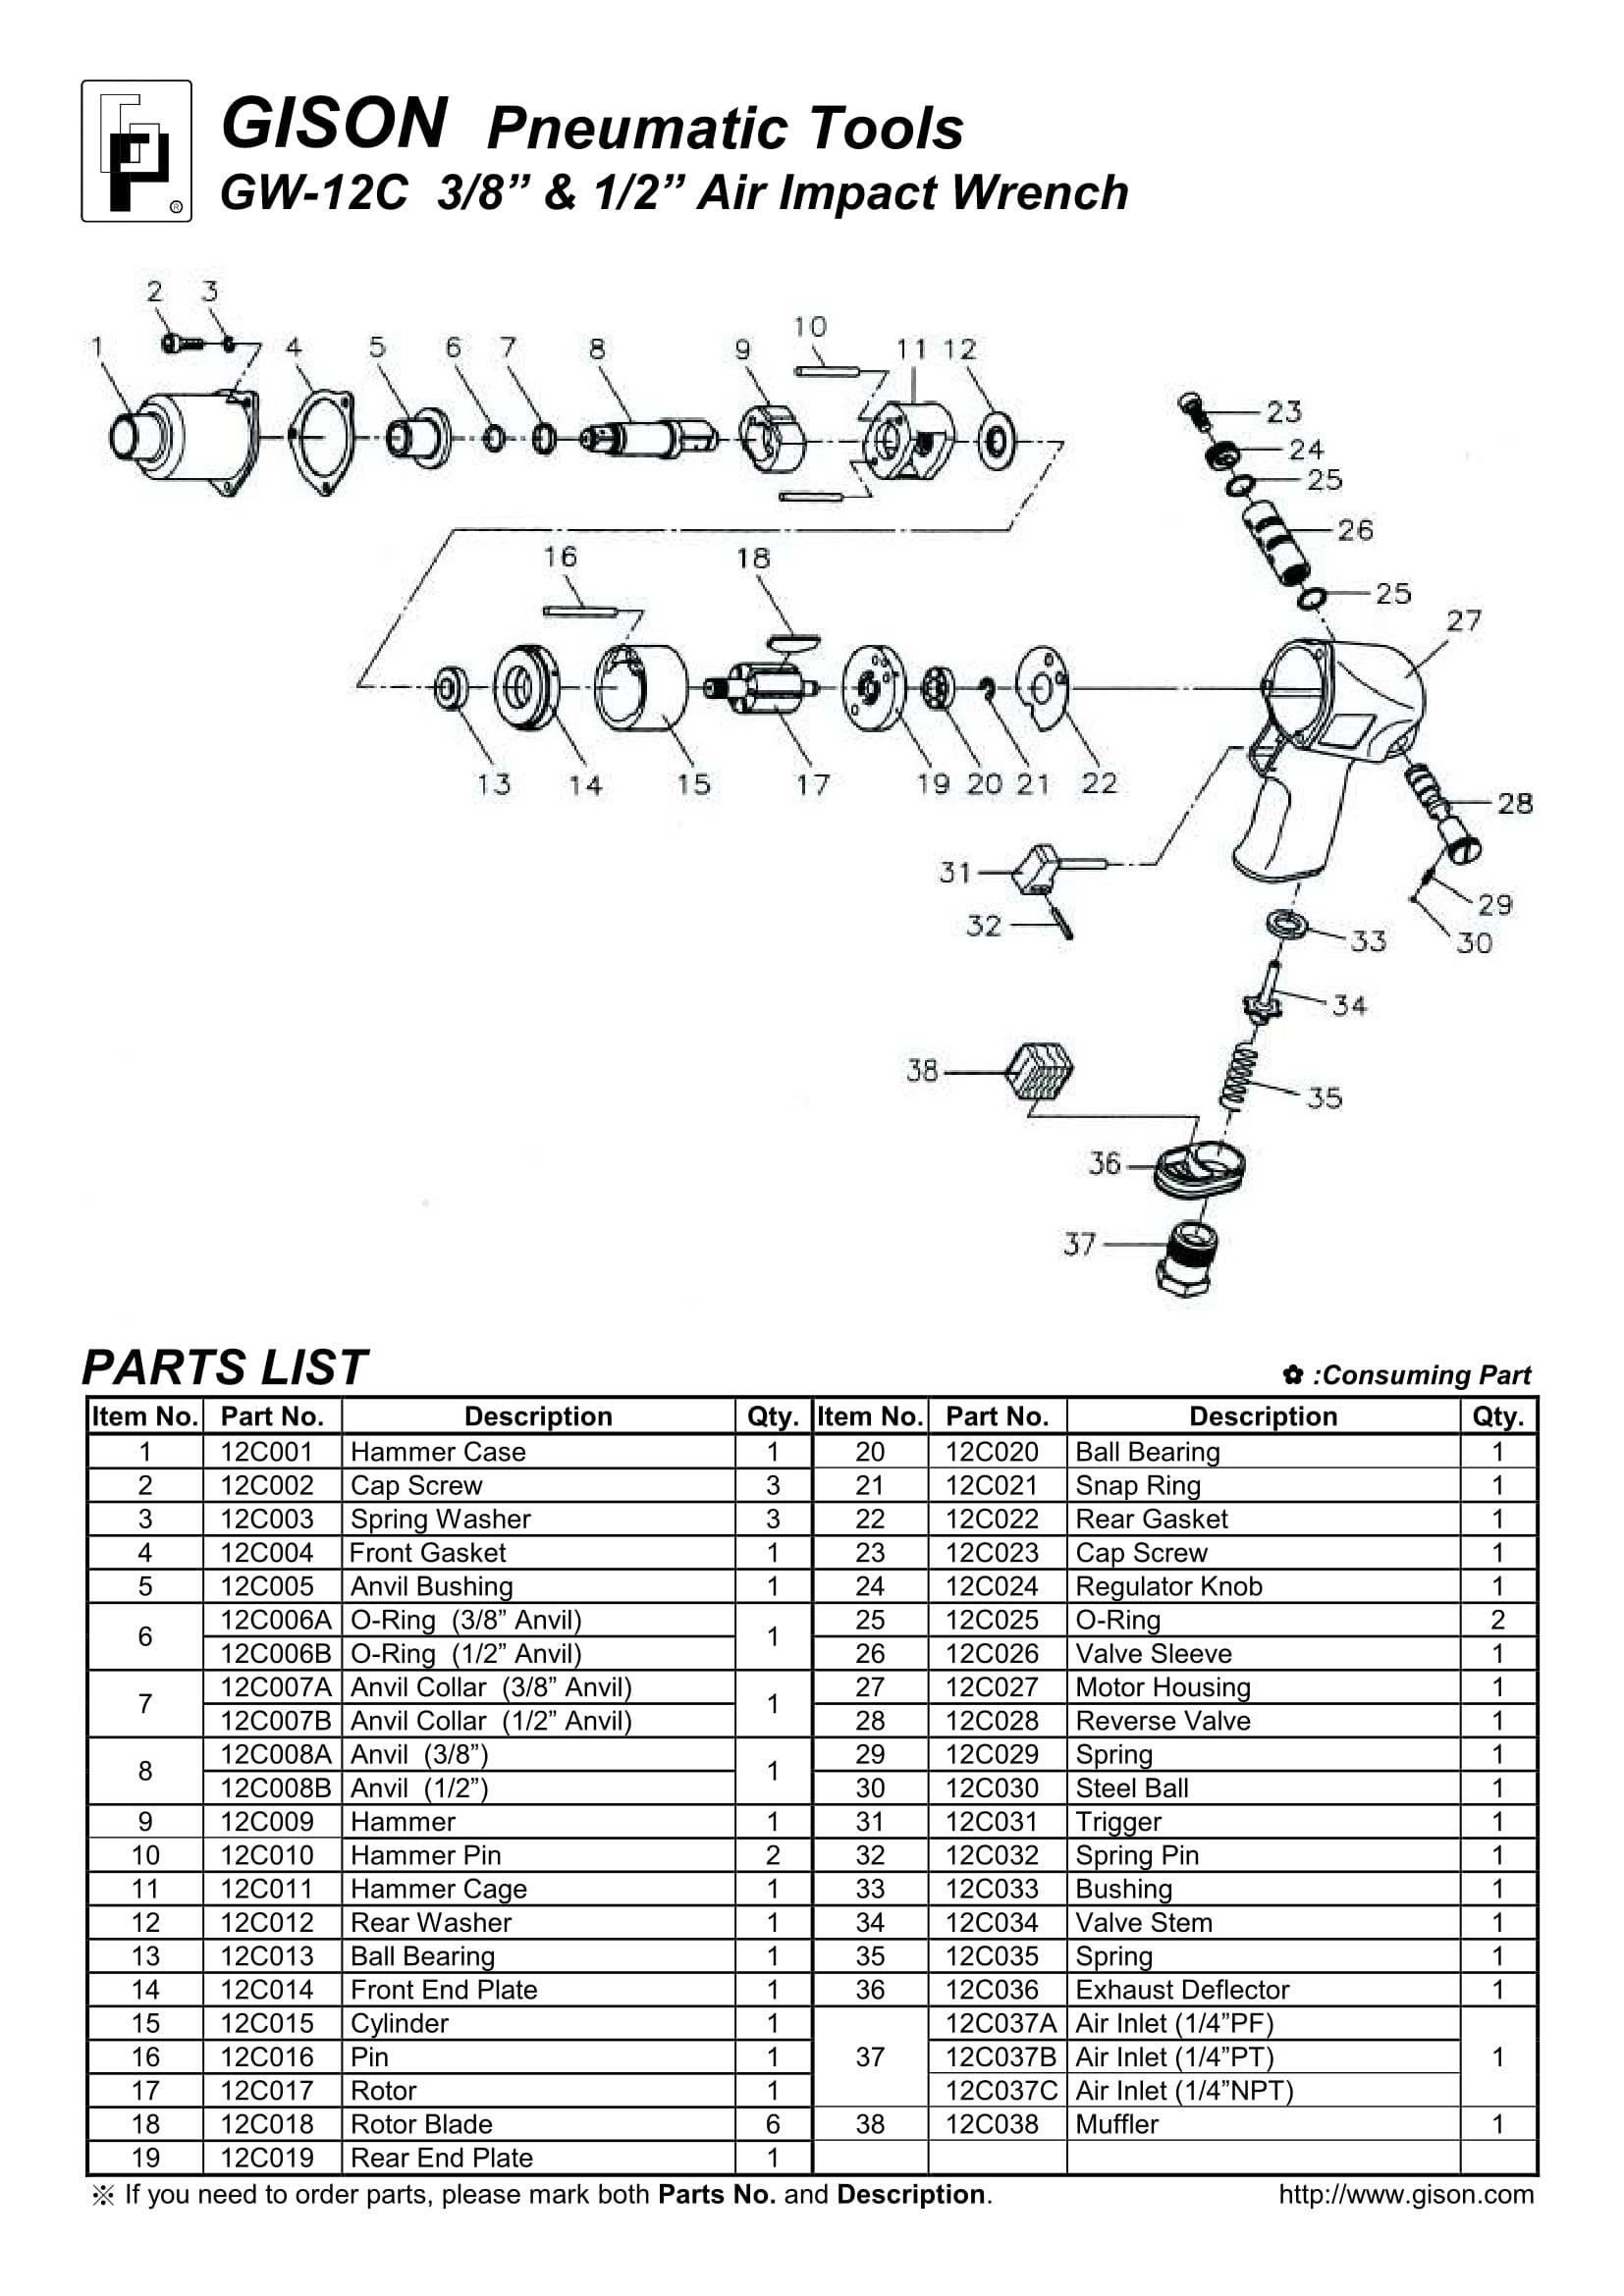 نقشه انفجاری بکس بادی GW-12C